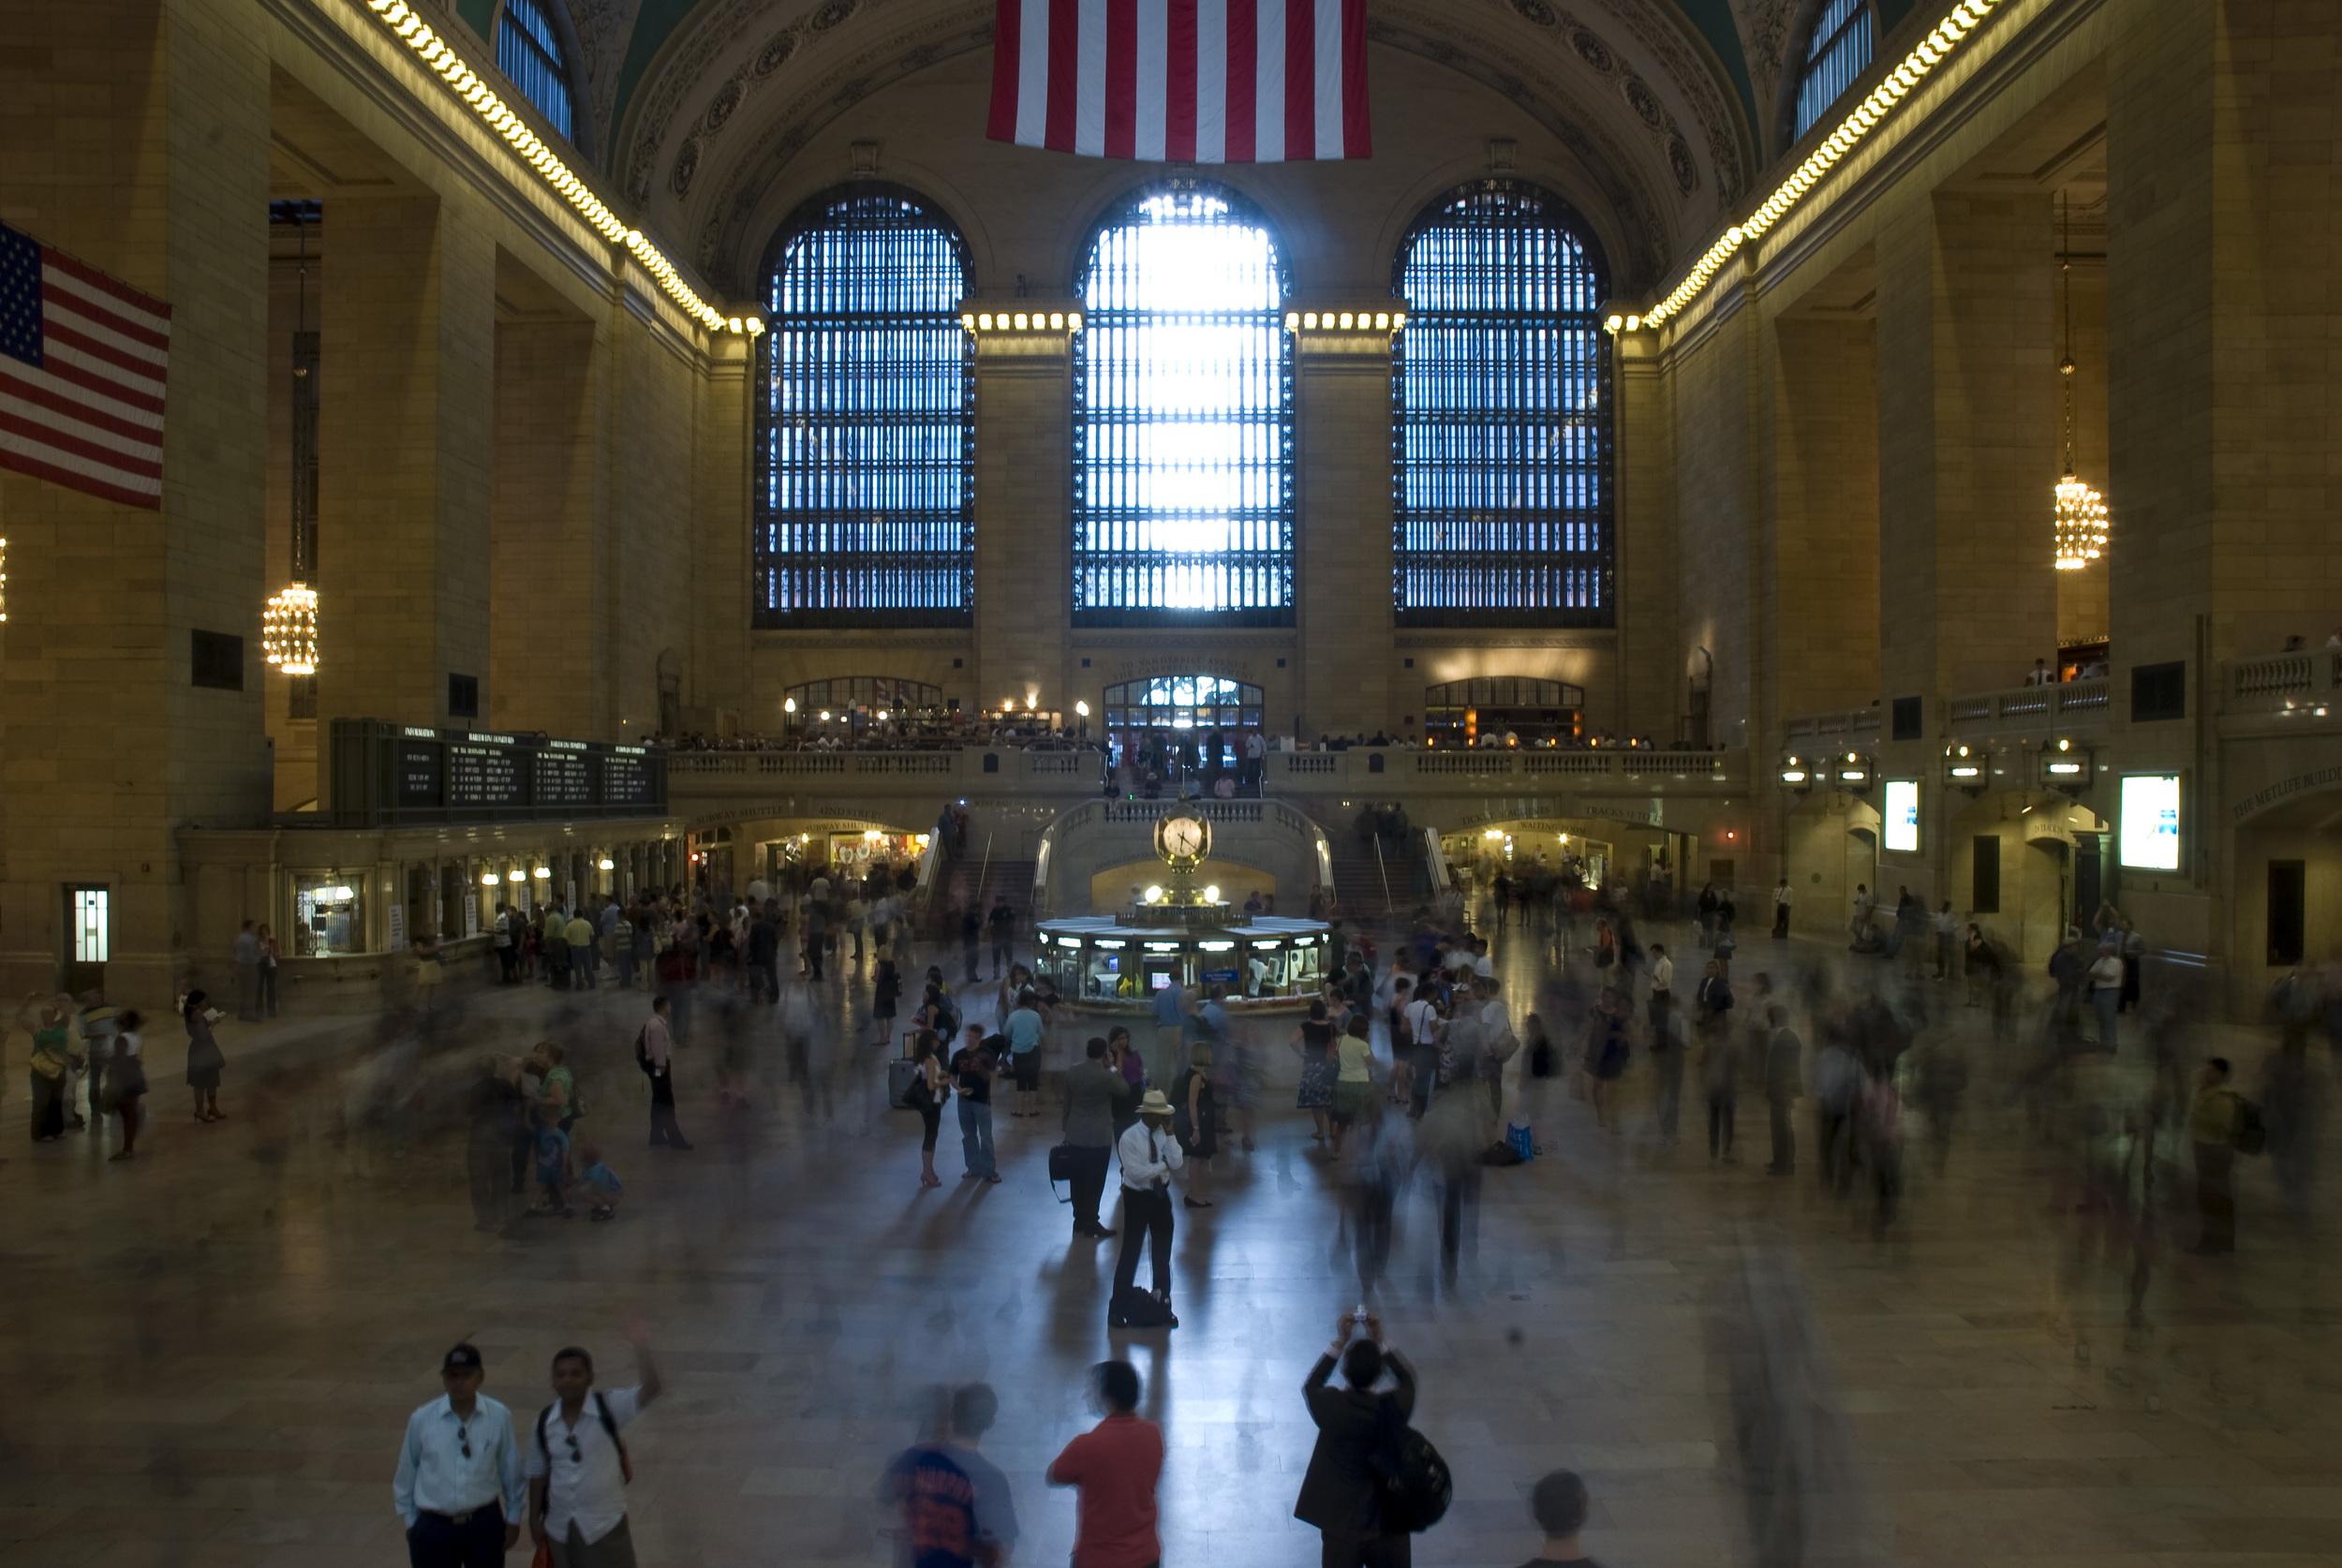 Grand Central Terminal / New York City, NY